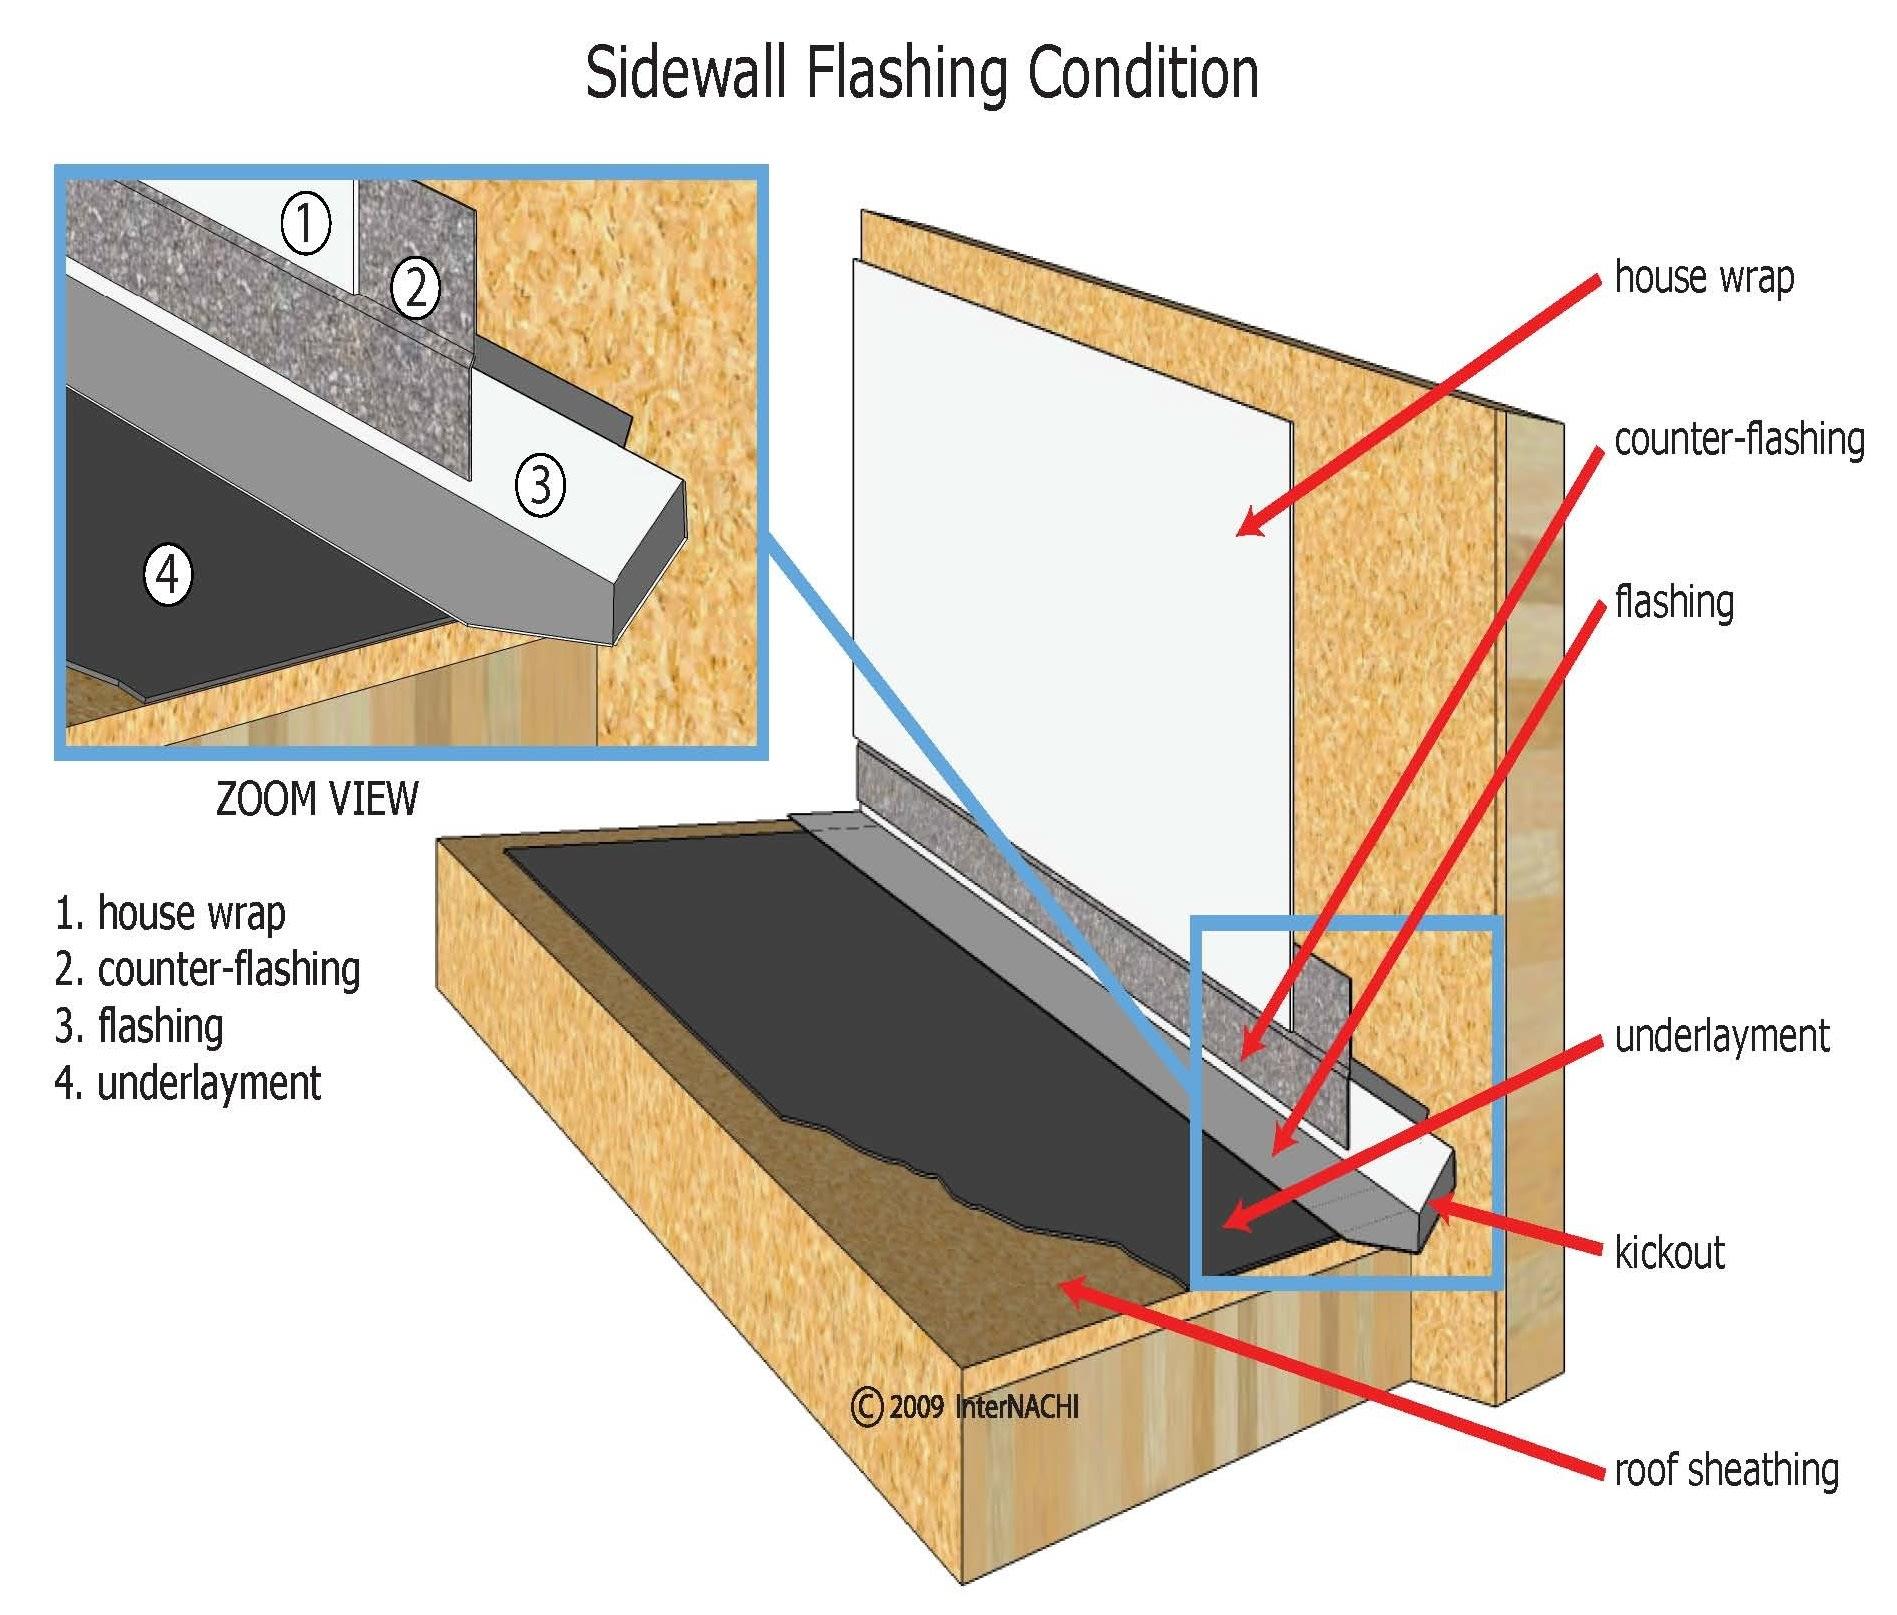 Sidewall flashing.